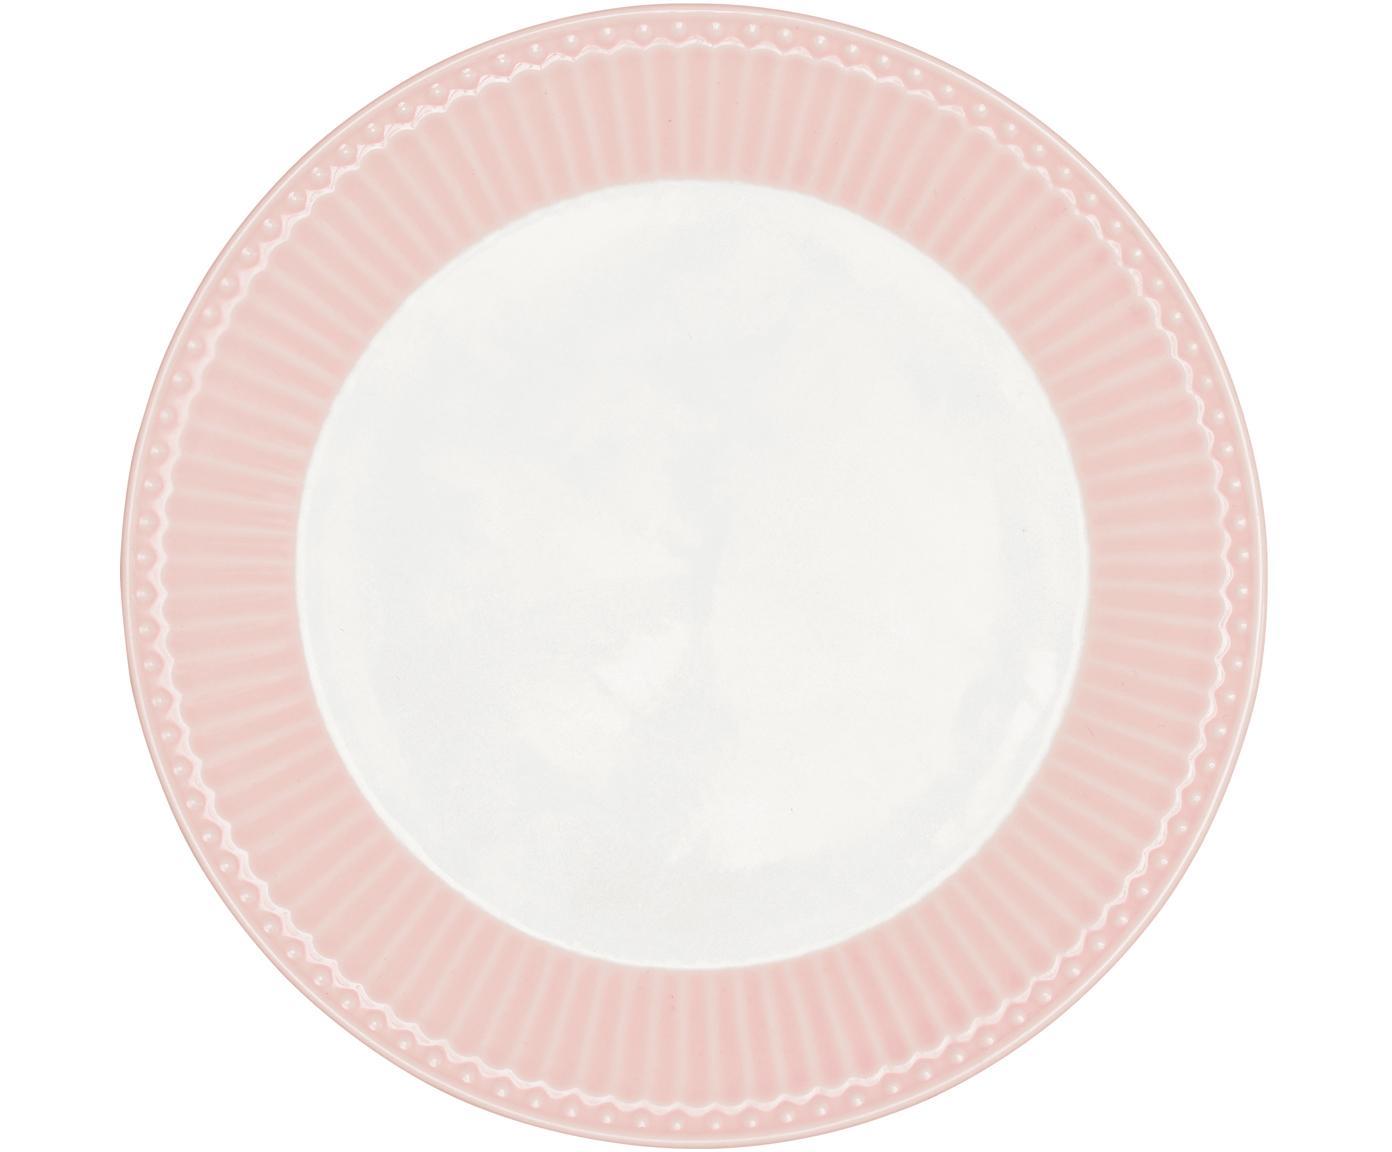 Handgefertigte Frühstücksteller Alice in Rosa mit Reliefdesign, 2 Stück, Steingut, Rosa, Weiß, Ø 23 cm